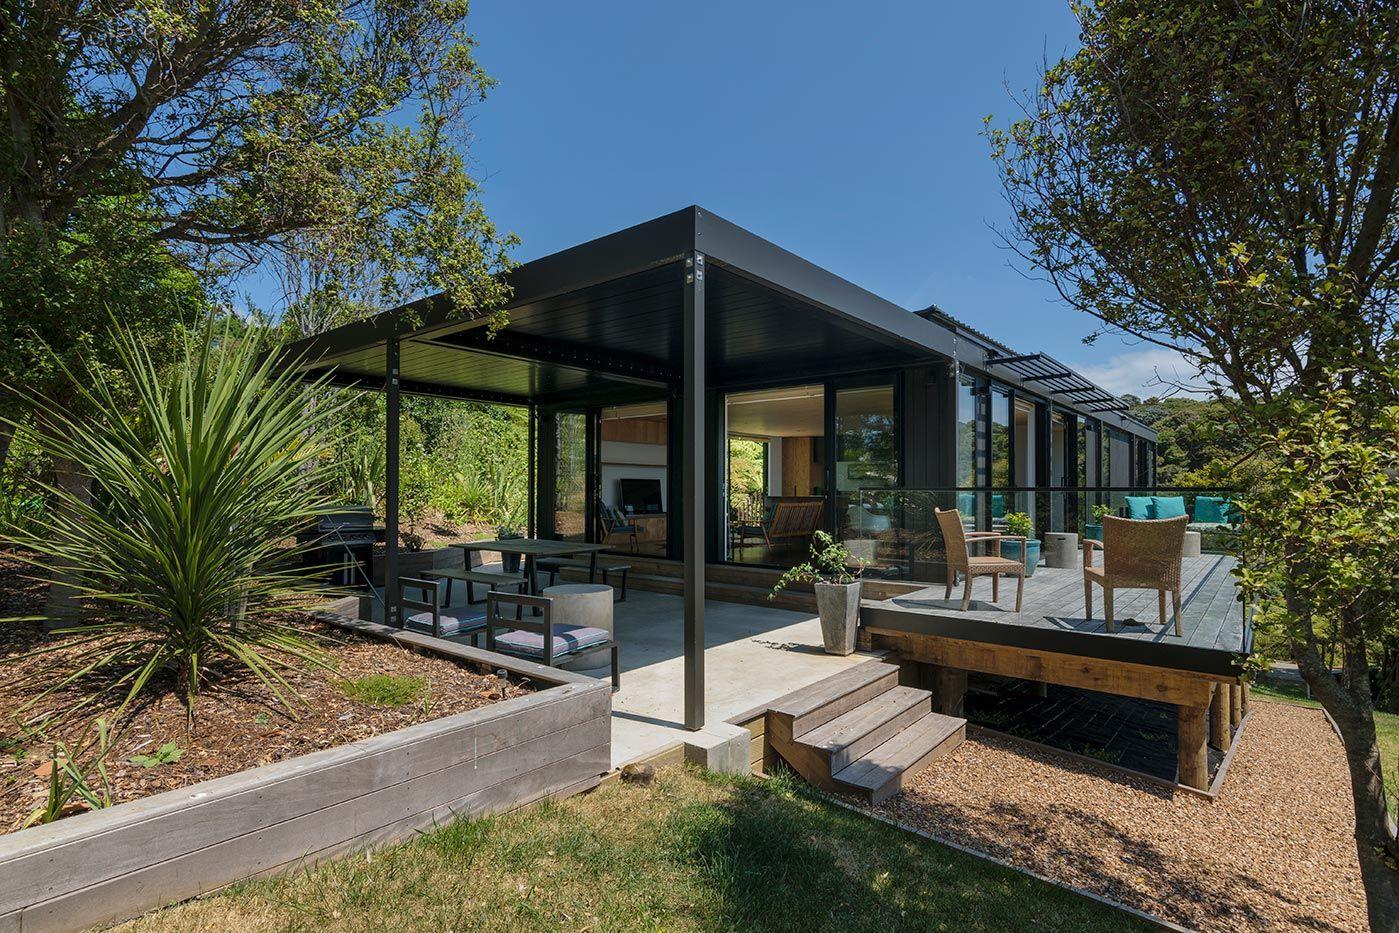 Home design house nz architectural plans box portfolio also rh in pinterest